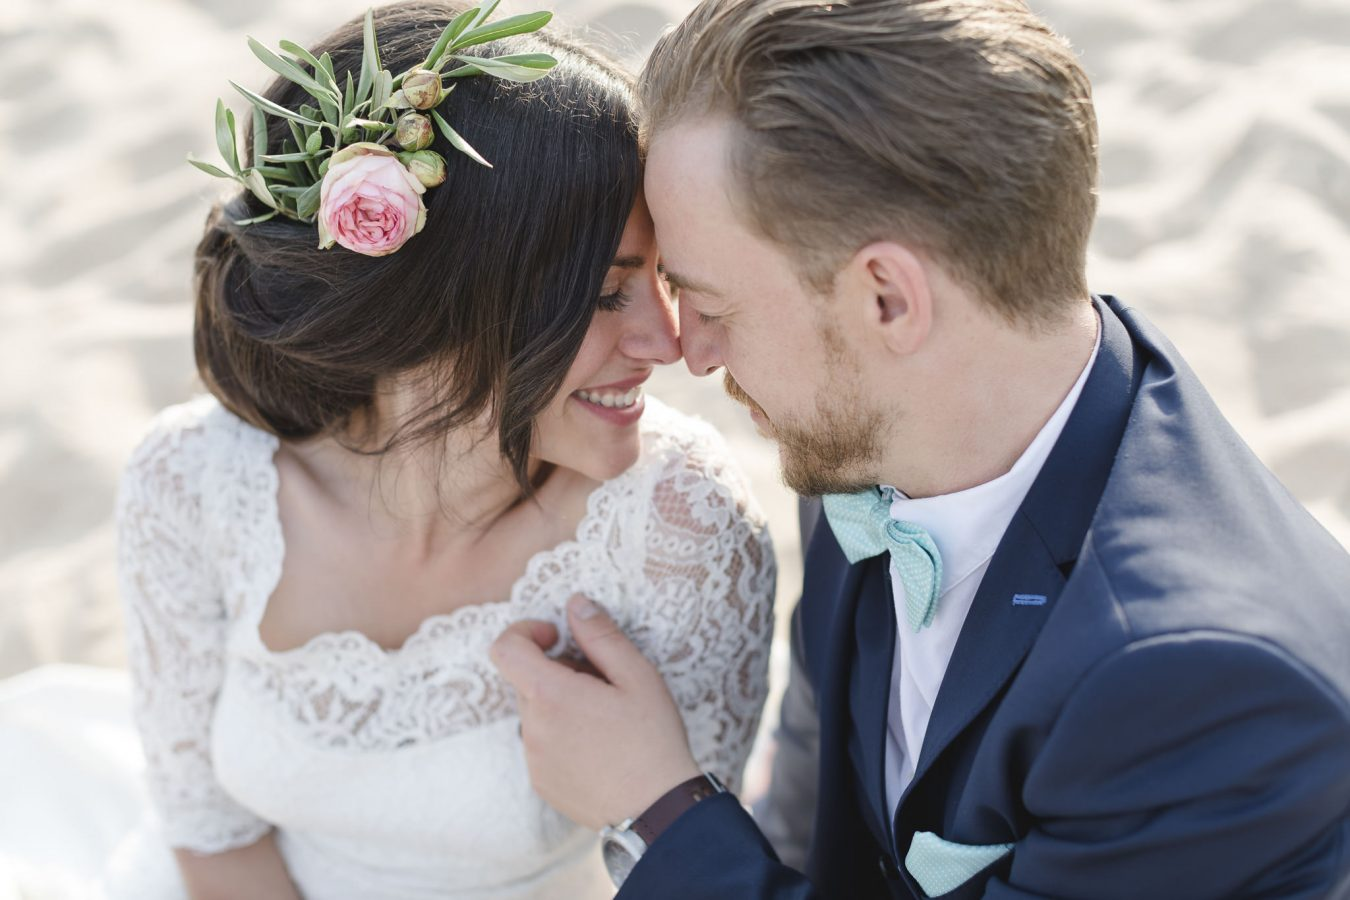 Hochzeitsfotograf Hamburg - Brautppar sitzt Stirn an Stirn mit geschlossenen Augen